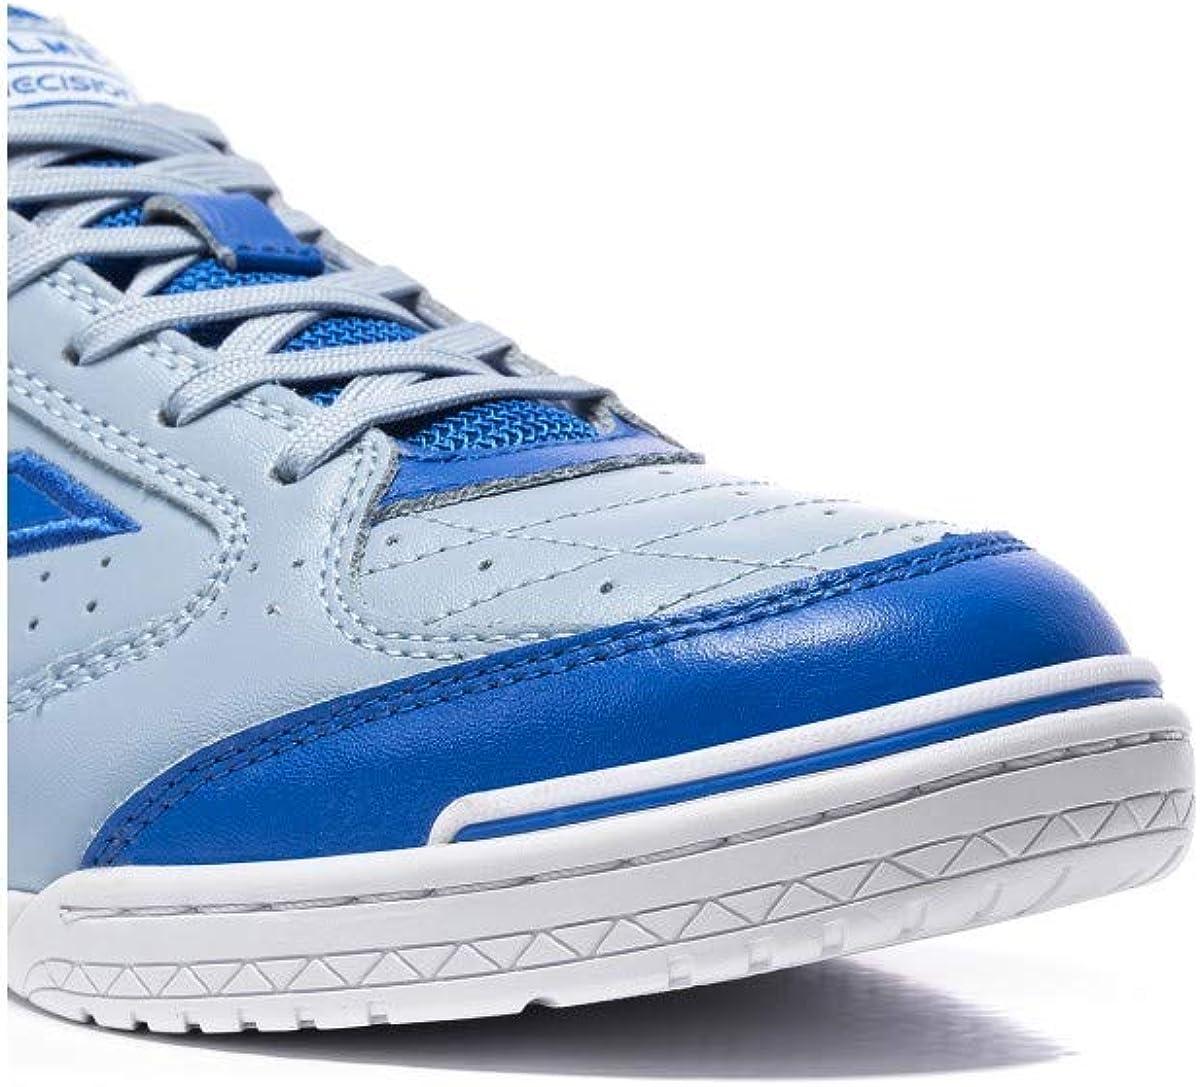 Kelme Precision Elite Acid Piel, Chaussure de Futsal, Bleu-Cyan Bleu Cyan